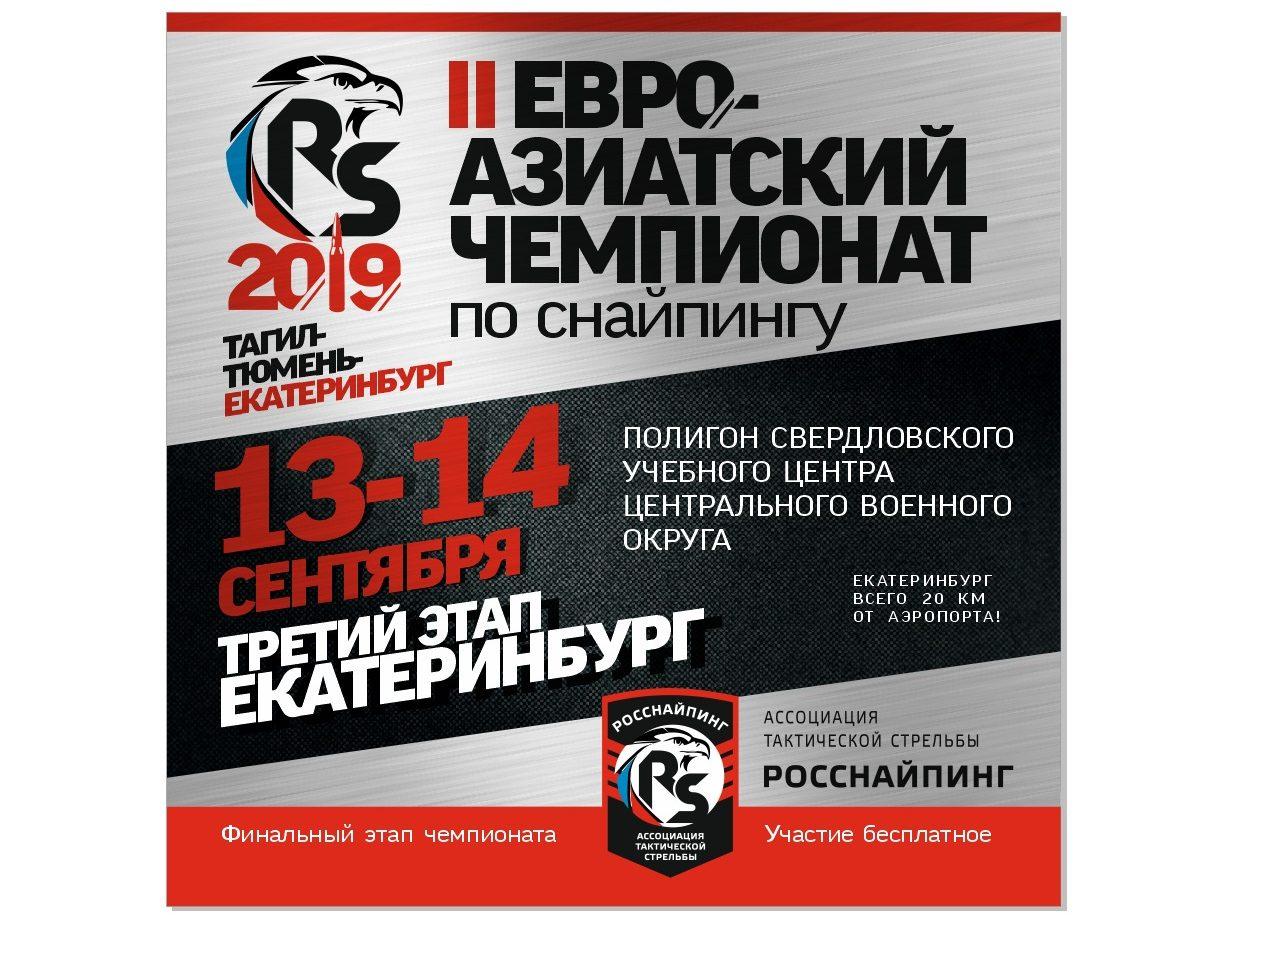 Чемпионат по снайпингу пройдет в Екатеринбурге